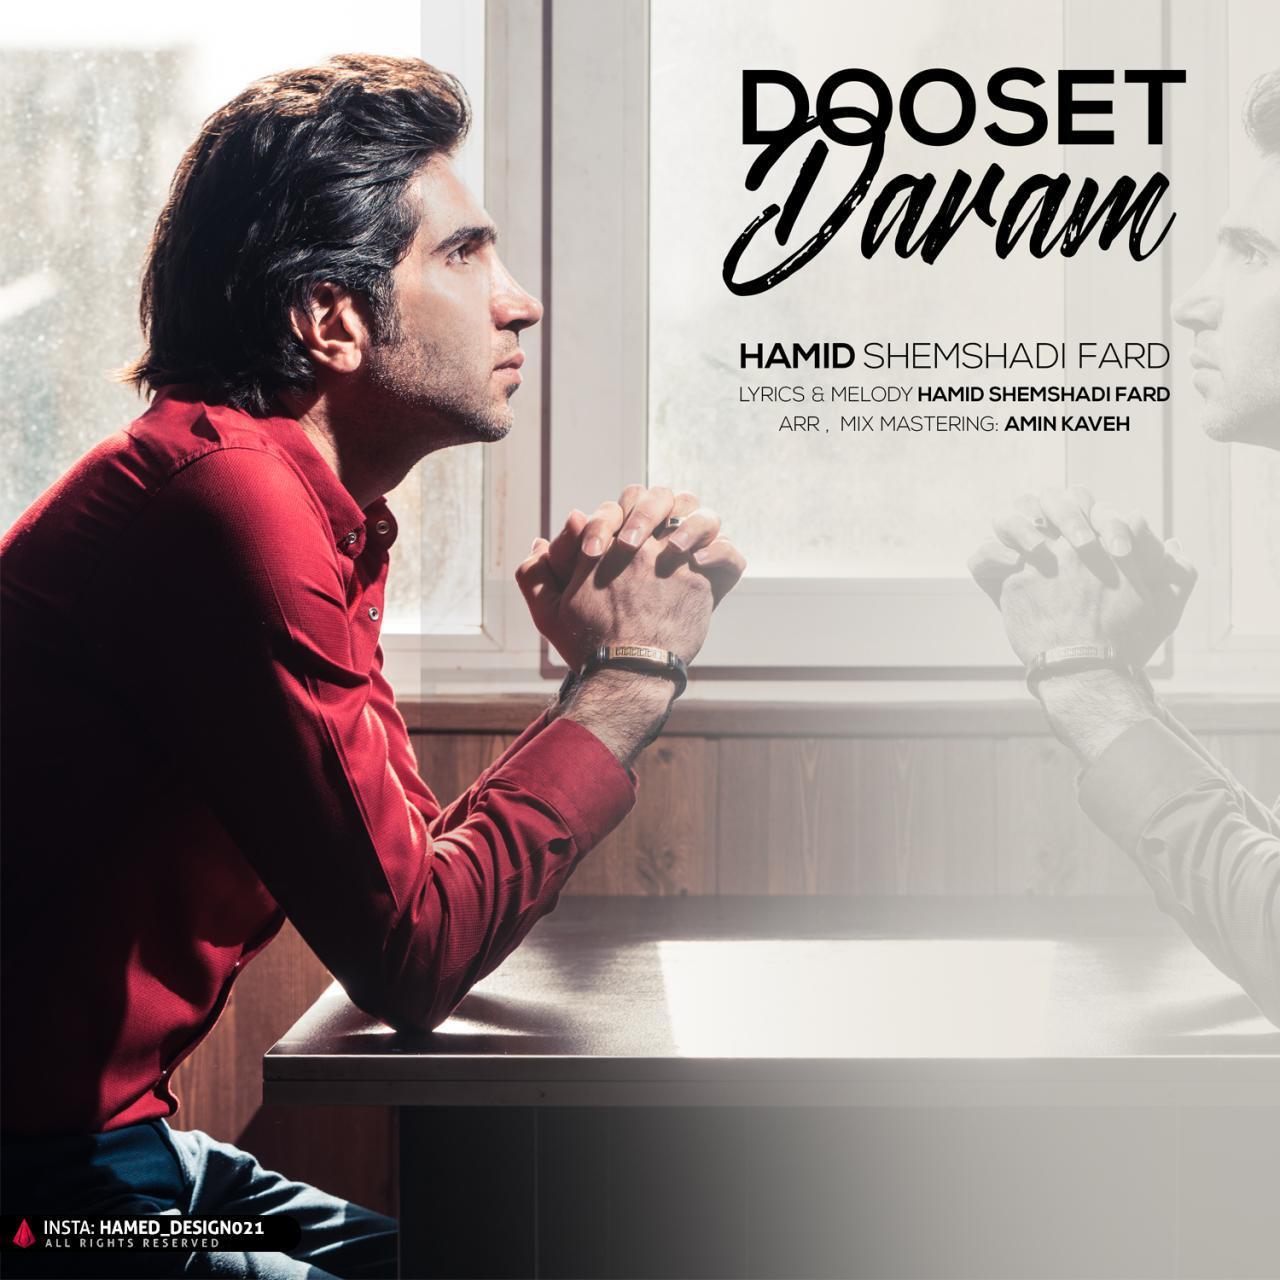 Hamid Shemshadi Fard – Dooset Daram